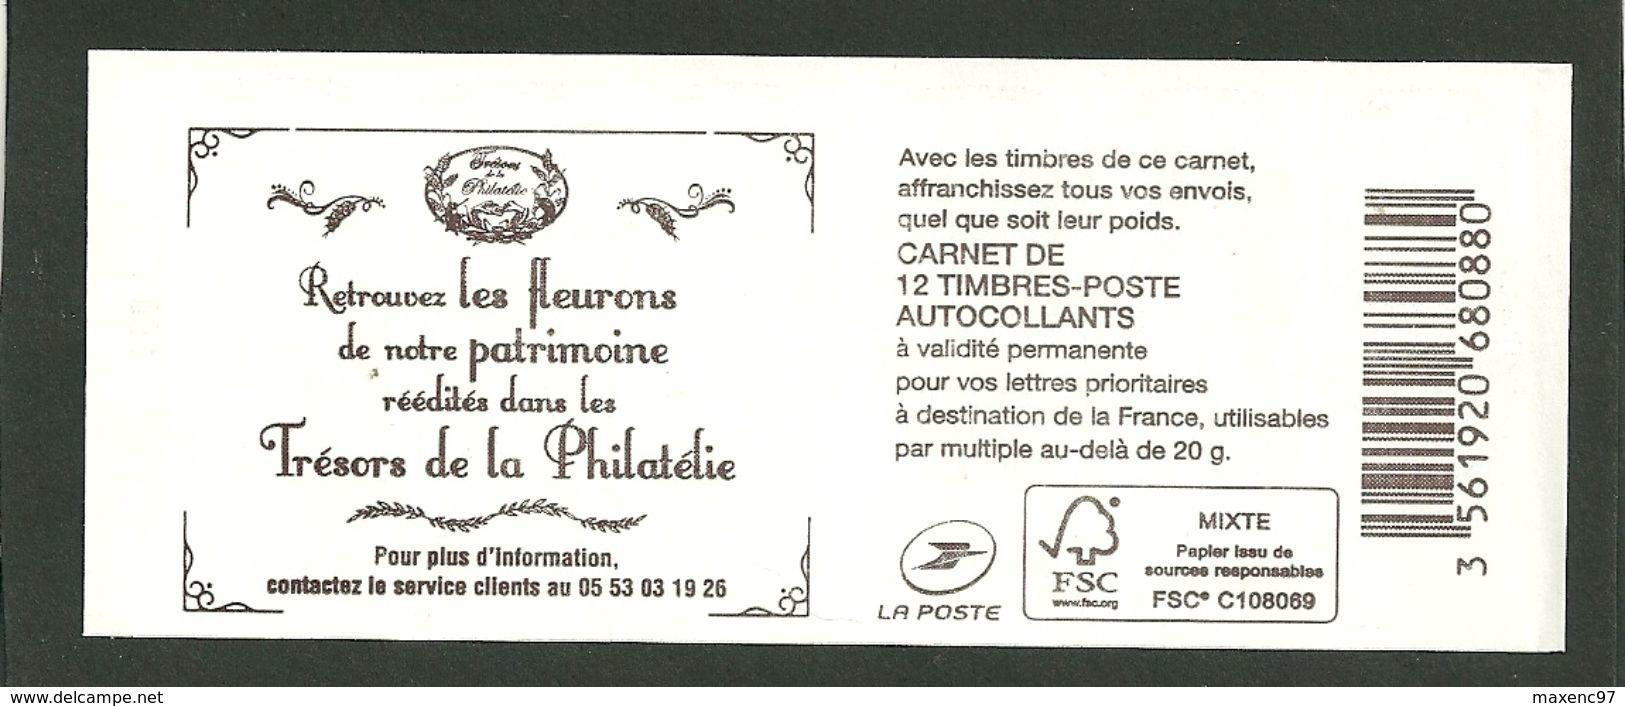 CARNET MARIANNE DE CIAPPA CARRE NOIR ET NUMERO COUVERTURE TRESORS DE LA PHILATELIE - Carnets